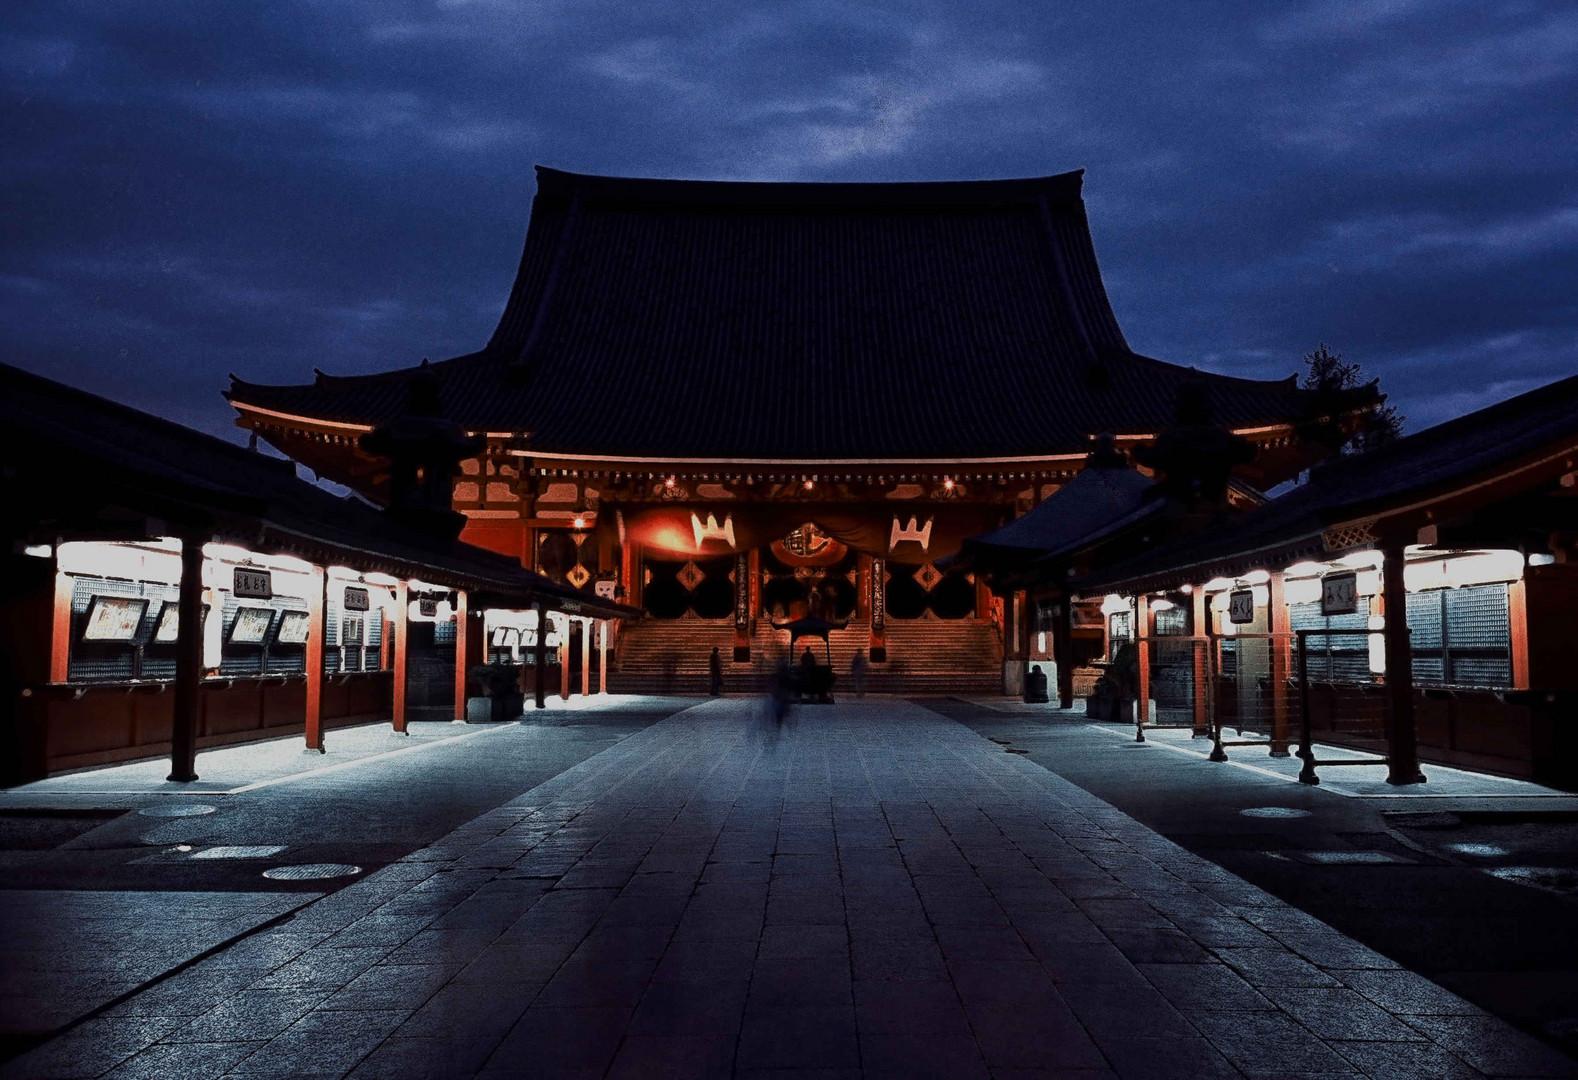 ASAKUSA TEMPLE IN TOKYO TAKEN IN 1996 (FUJI VELVIA 50)